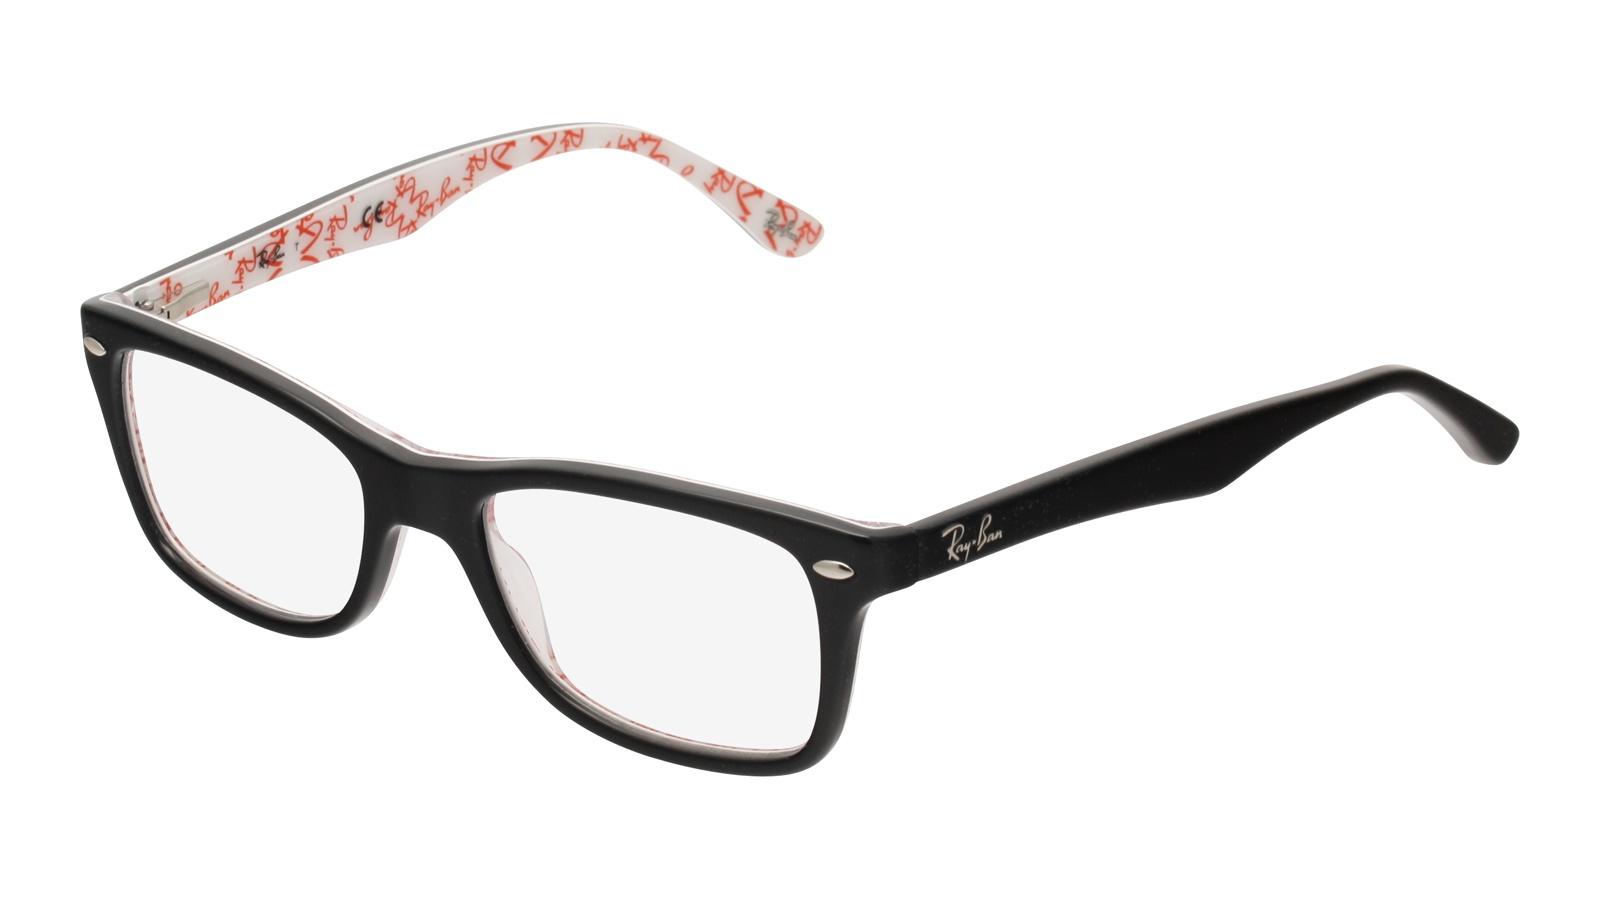 quand faut il renouveler ses lunettes. Black Bedroom Furniture Sets. Home Design Ideas